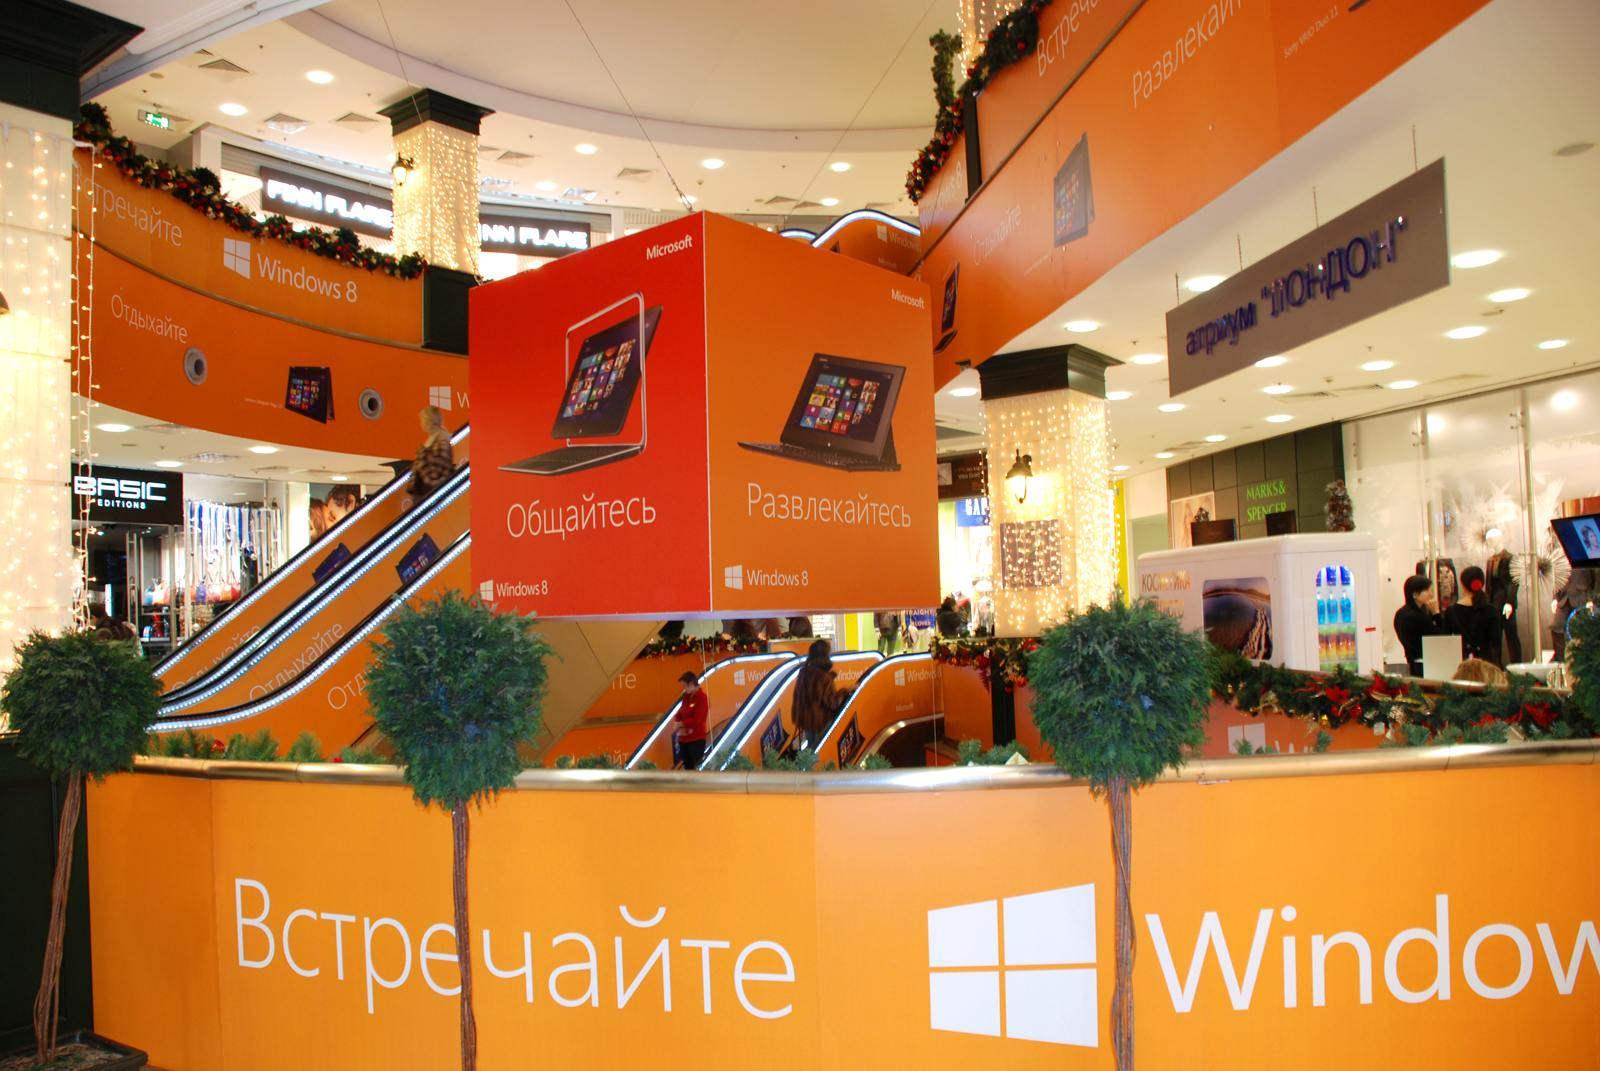 Магазин женской одежды desp / фотогалерея / atrium / торгово-развлекательный центр атриум гдонецк